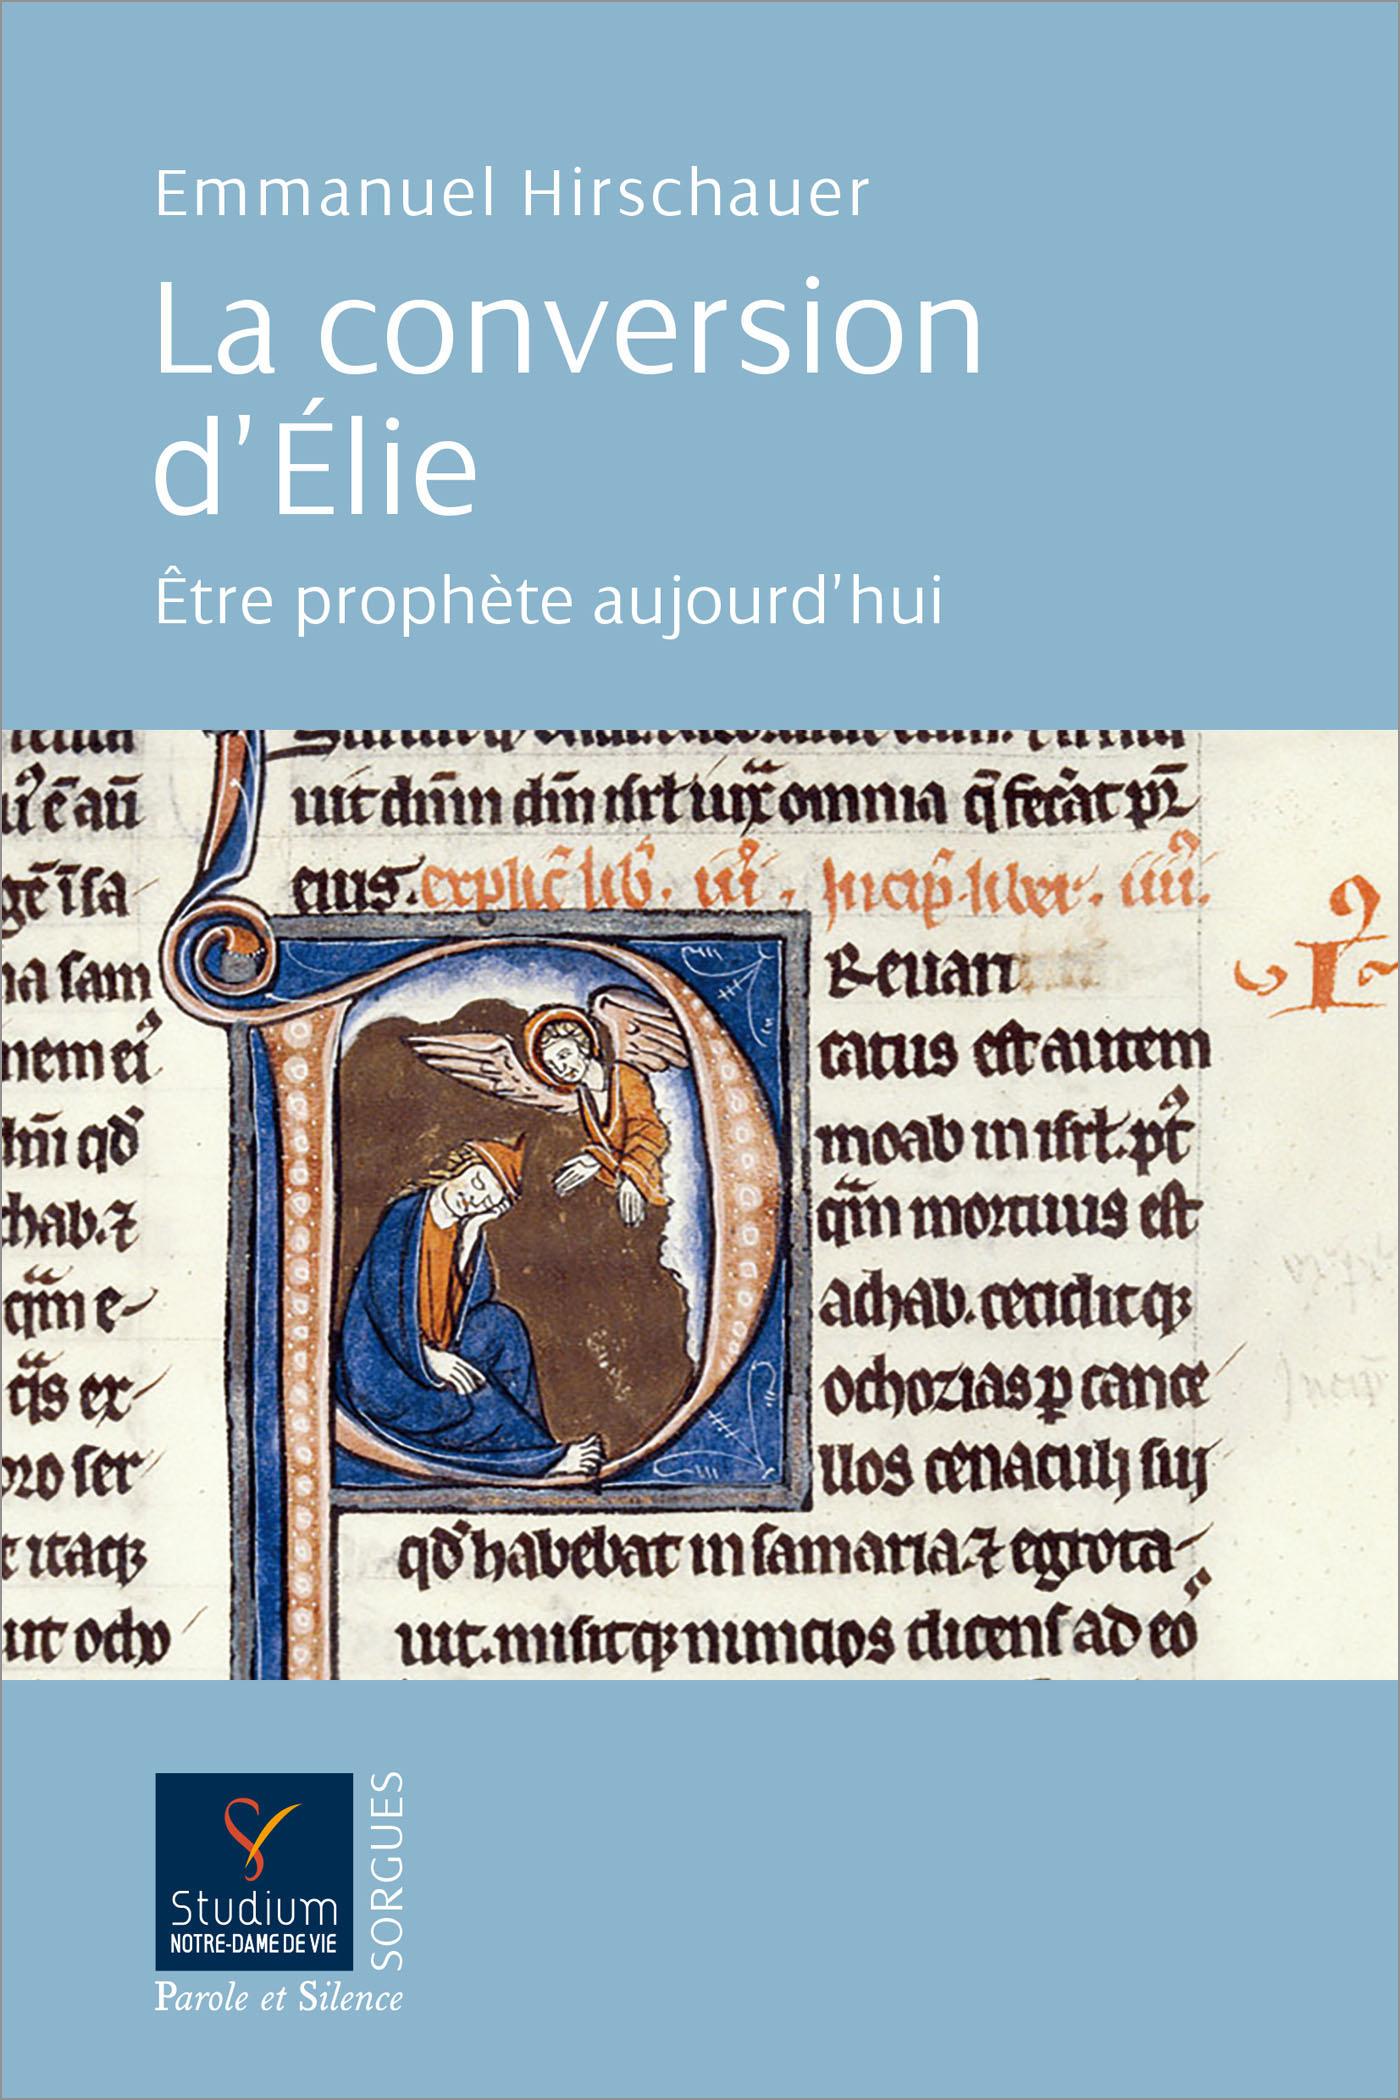 La conversion d'Elie